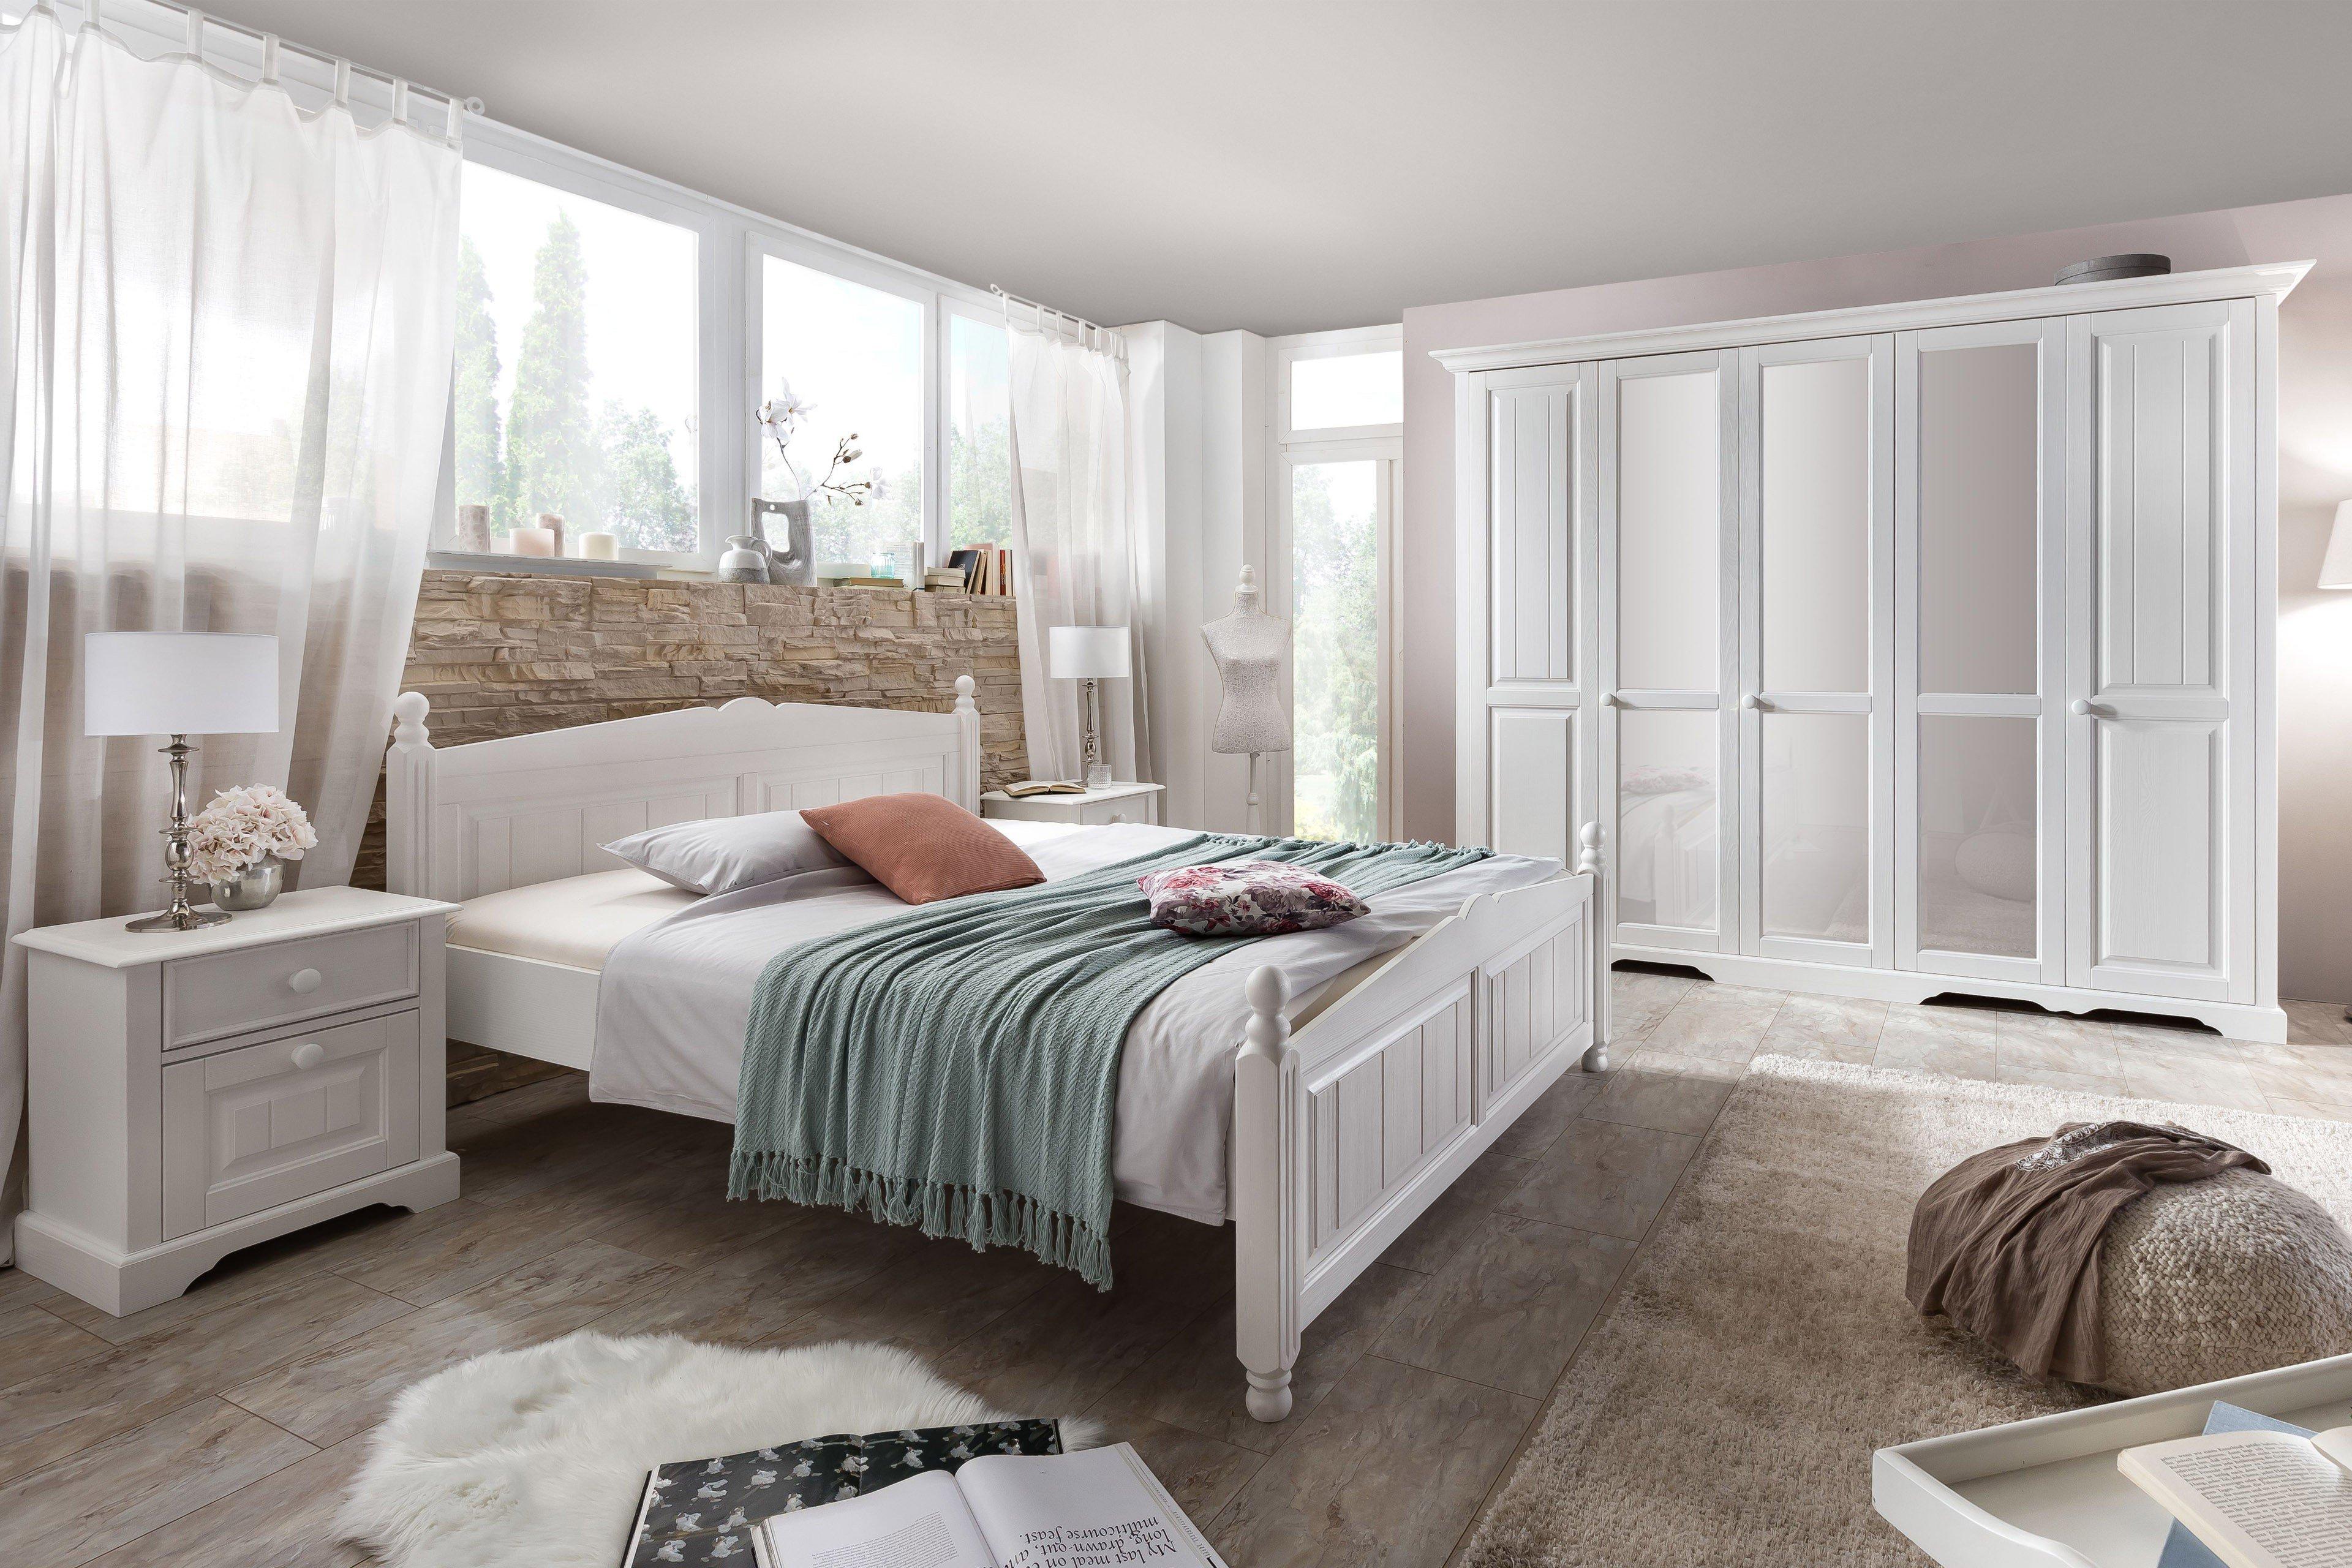 Perfekt Pisa Von Telmex   Schlafzimmer Set Weiß Im Landhausstil